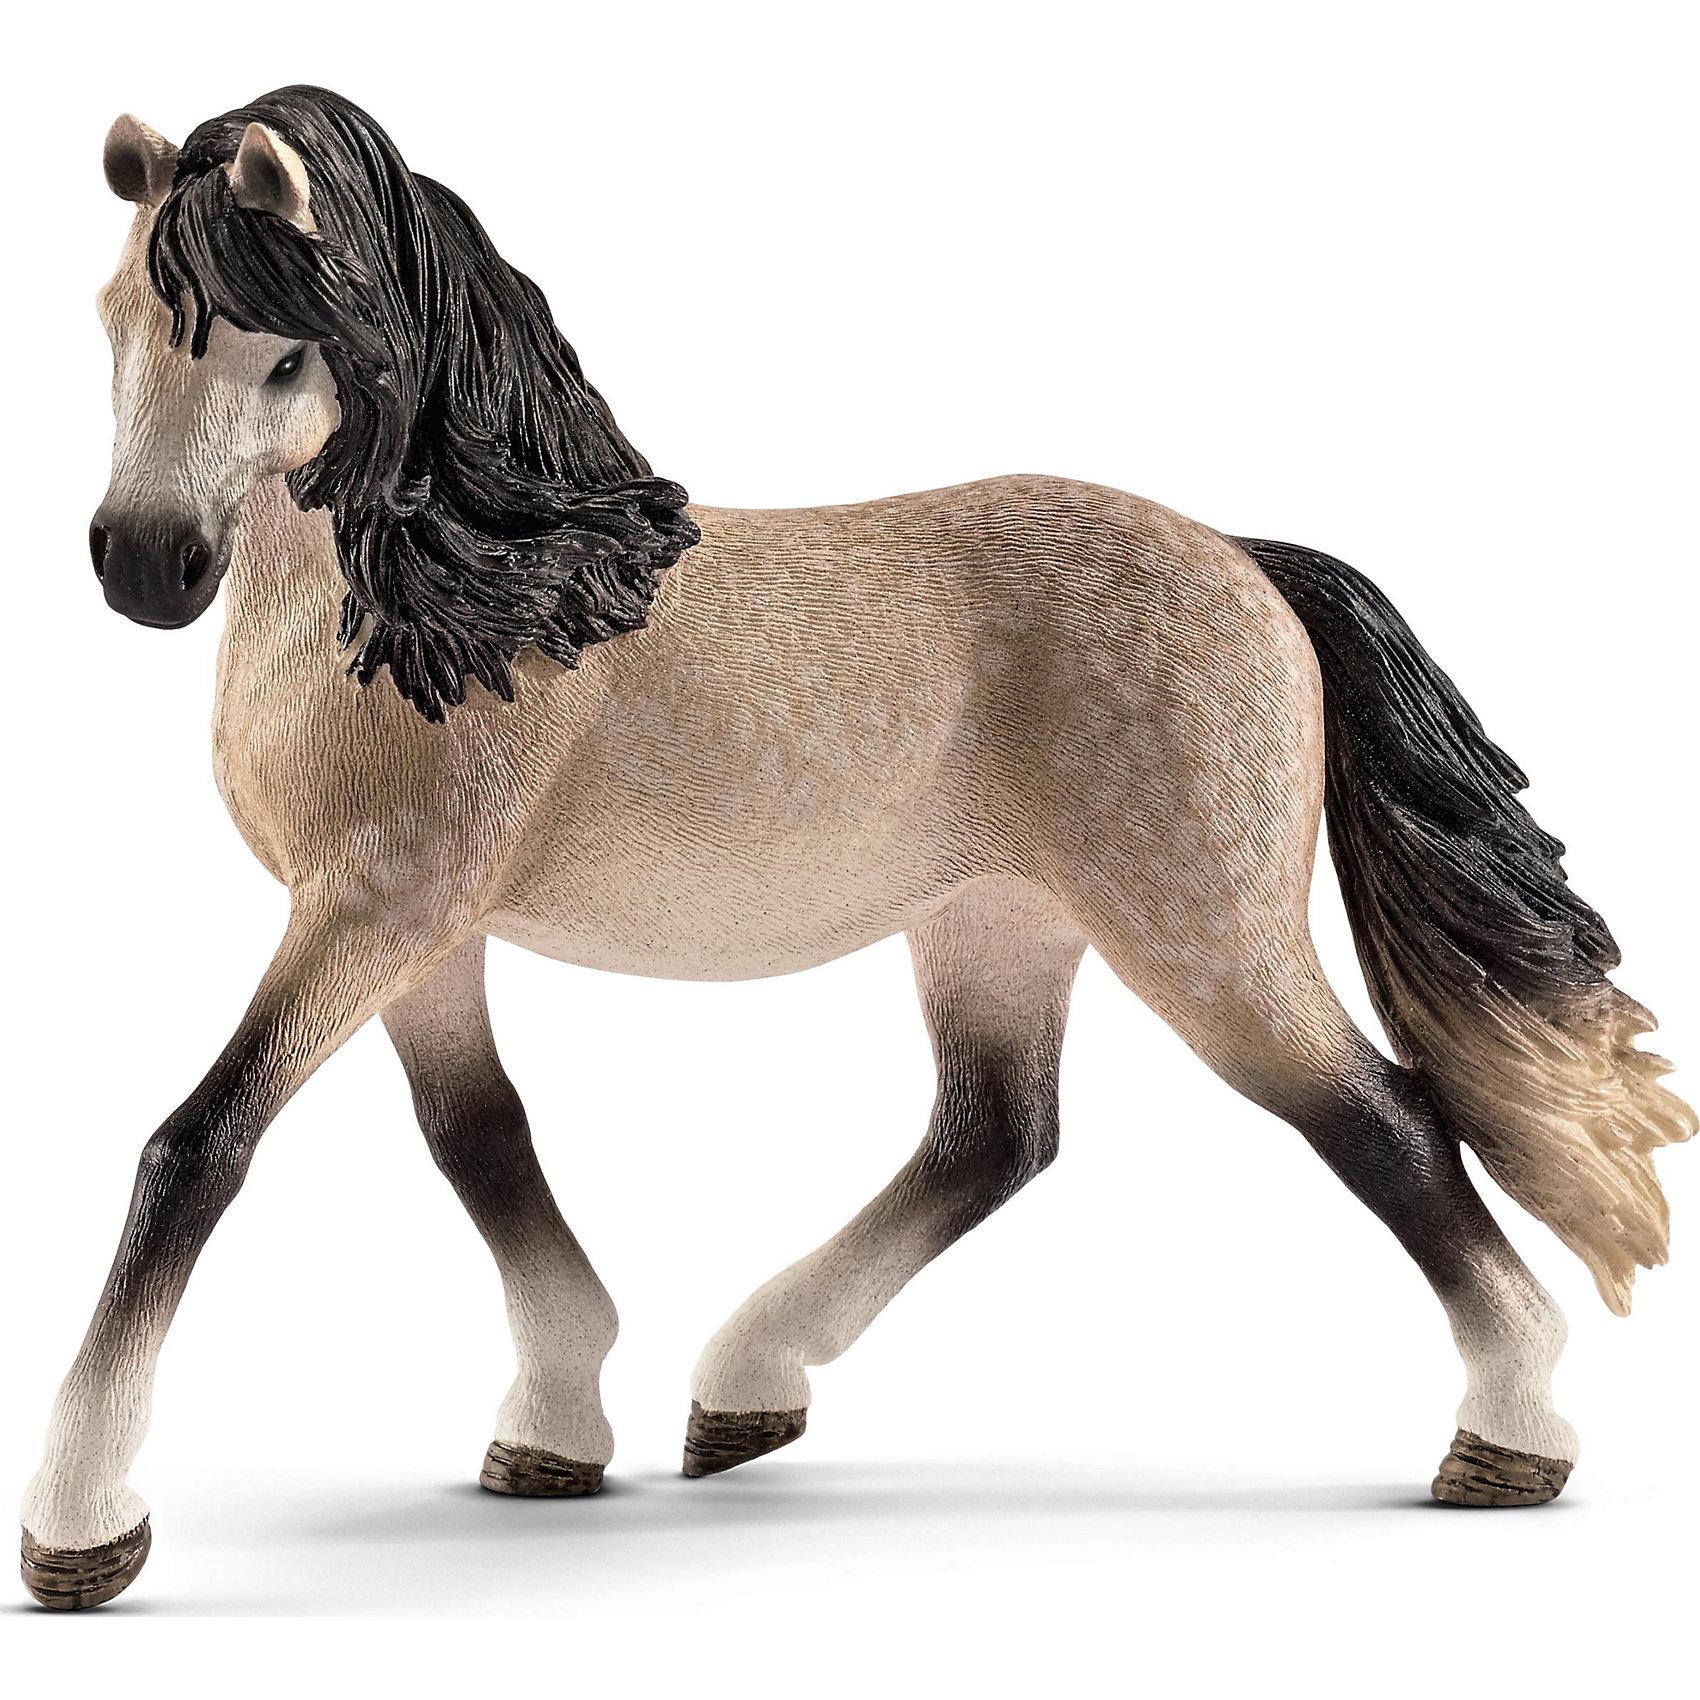 Андалузская кобыла, SchleichМир животных<br>Андалузская кобыла, Schleich (Шляйх) – это высококачественная коллекционная и игровая фигурка.<br><br>Прекрасная фигурка Андалузской кобылы с роскошной гривой станет достойным пополнением коллекции.<br><br>Андалузские лошади самая известная порода из Испании. В 16-18 веках пользовалась всемирной популярностью. Андалузские лошади были представлены в конюшнях большинства европейских монархов и знатных вельмож. Представители данной породы считались лучшими «для войны и для парада». В настоящее время эта порода используется в высшей школе верховой езды, а также в цирке.<br><br>Прекрасно выполненные фигурки Schleich (Шляйх) являются максимально точной копией настоящих животных и отличаются высочайшим качеством игрушек ручной работы. Каждая фигурка разработана с учетом исследований в области педагогики.<br>Фигурка Андалузской кобылы прекрасно разнообразит игру вашего ребенка и станет отличным пополнением коллекции его фигурок животных.<br><br>Все фигурки сделаны из гипоаллергенных высокотехнологичных материалов, раскрашены вручную и не вызывают аллергии у ребенка.<br><br>Дополнительная информация:<br><br>- Размер фигурки: 12,6х4,8х10,7см.<br>- Материал: высококачественный каучуковый пластик<br><br>Фигурку Андалузская кобыла, Schleich (Шляйх) можно купить в нашем интернет-магазине.<br><br>Ширина мм: 175<br>Глубина мм: 132<br>Высота мм: 50<br>Вес г: 136<br>Возраст от месяцев: 36<br>Возраст до месяцев: 96<br>Пол: Женский<br>Возраст: Детский<br>SKU: 4394571